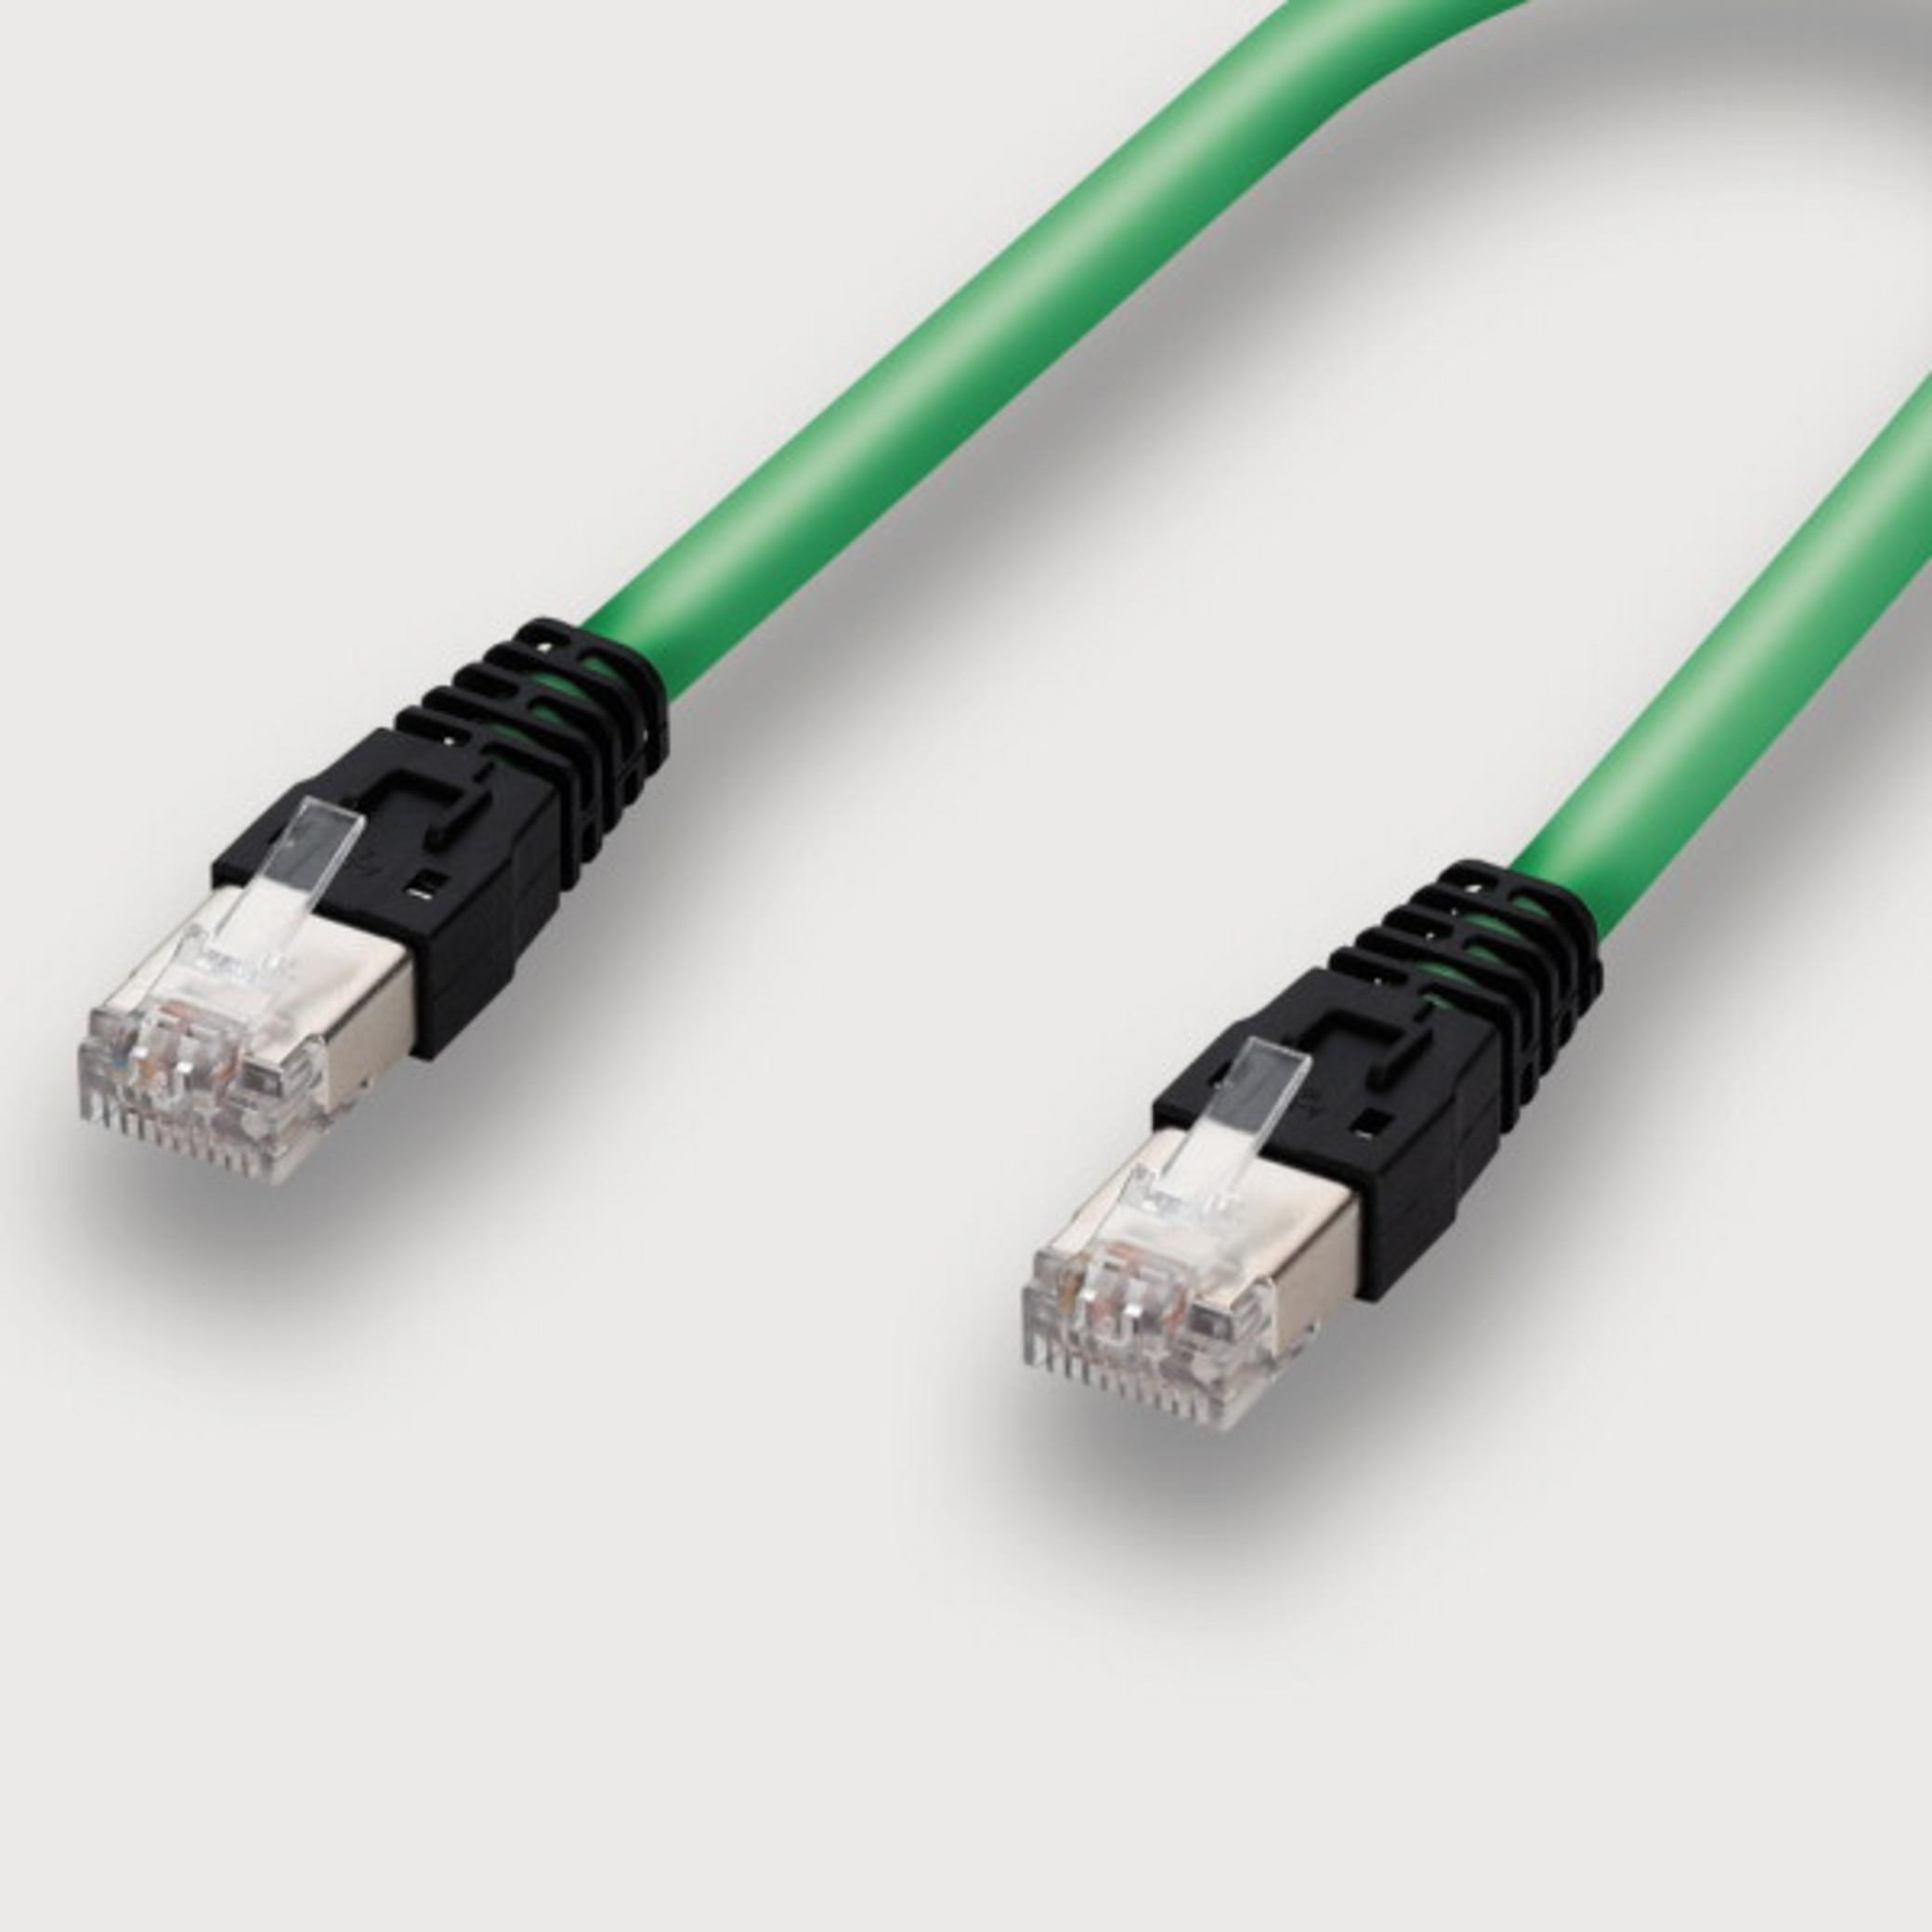 192015 0200 Network Cables Profinet Friedrich Lütze Gmbh RJ45 Wiring Diagram  PDF Profinet Rj45 Connector Diagram 4 Wires